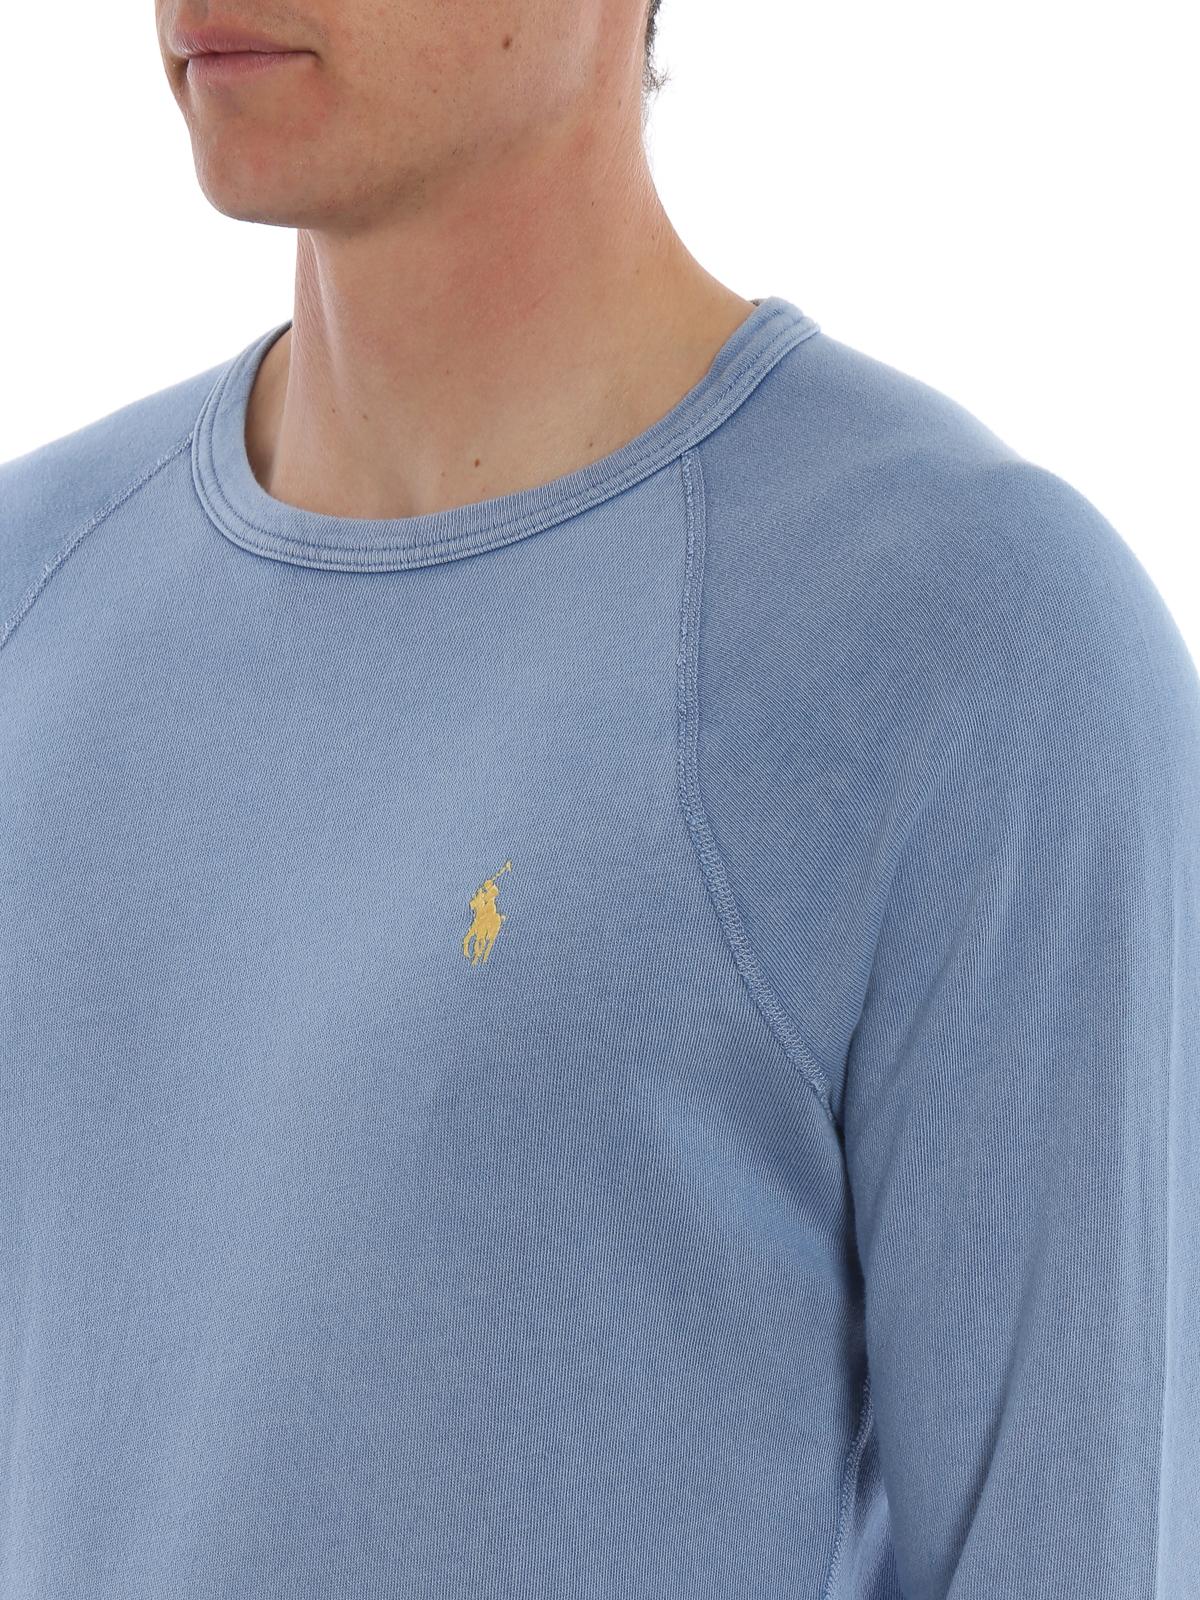 finest selection f5c38 49923 Polo Ralph Lauren - Sweatshirt - Blau - Sweatshirts und ...